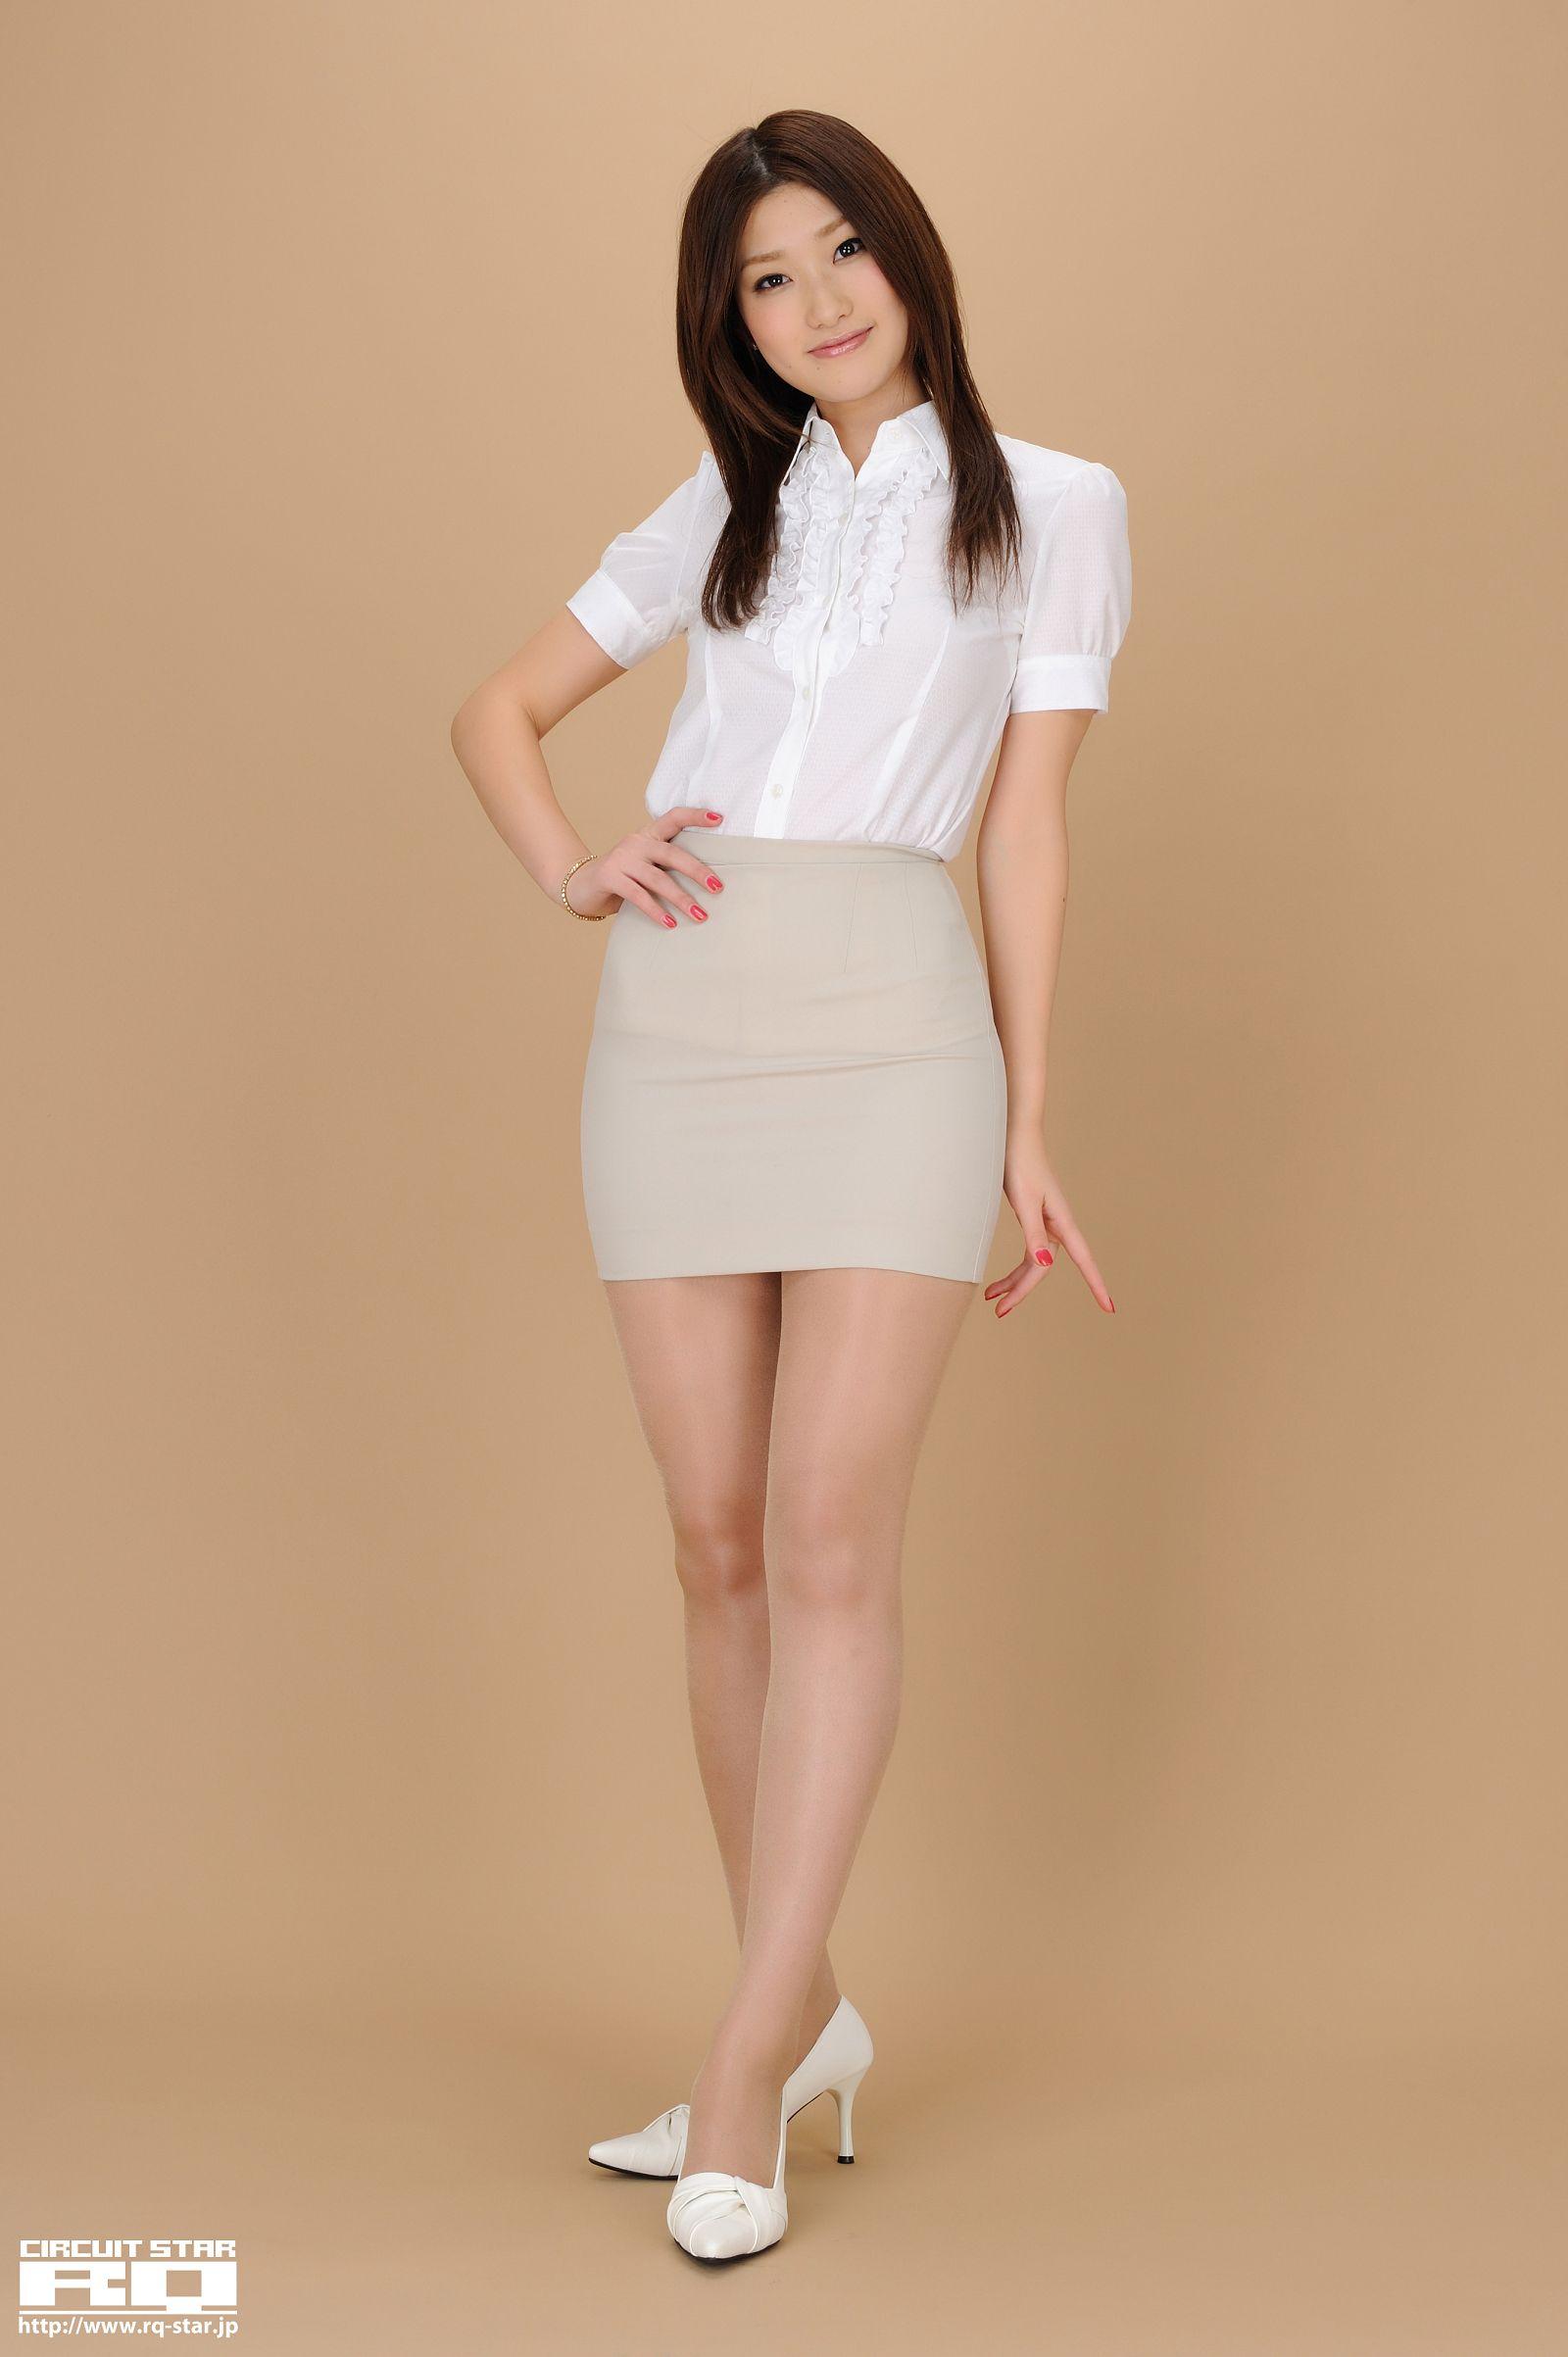 [RQ STAR美女] NO.00459 Shinobu Ishinabe 石鍋しのぶ Office Lady[124P] RQ STAR 第1张